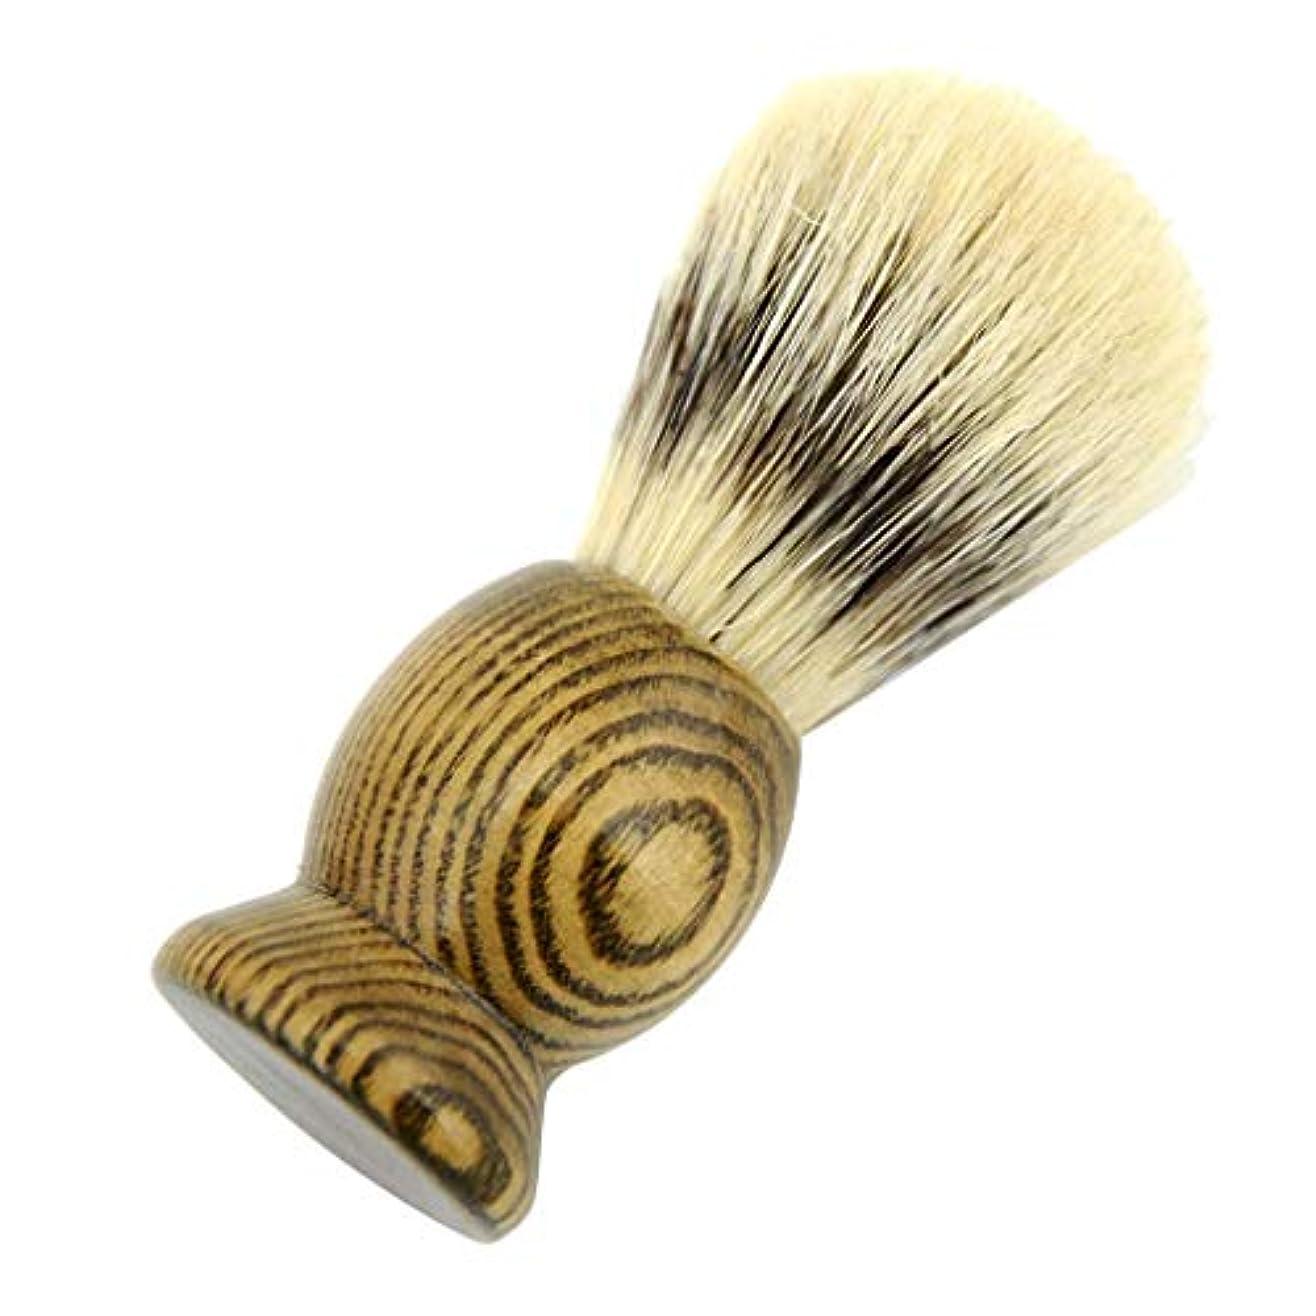 旋回キノコ不平を言うsharprepublic ひげブラシ メンズ シェービングブラシ 髭剃り 理容 洗顔 ポータブルひげ剃り美容ツール